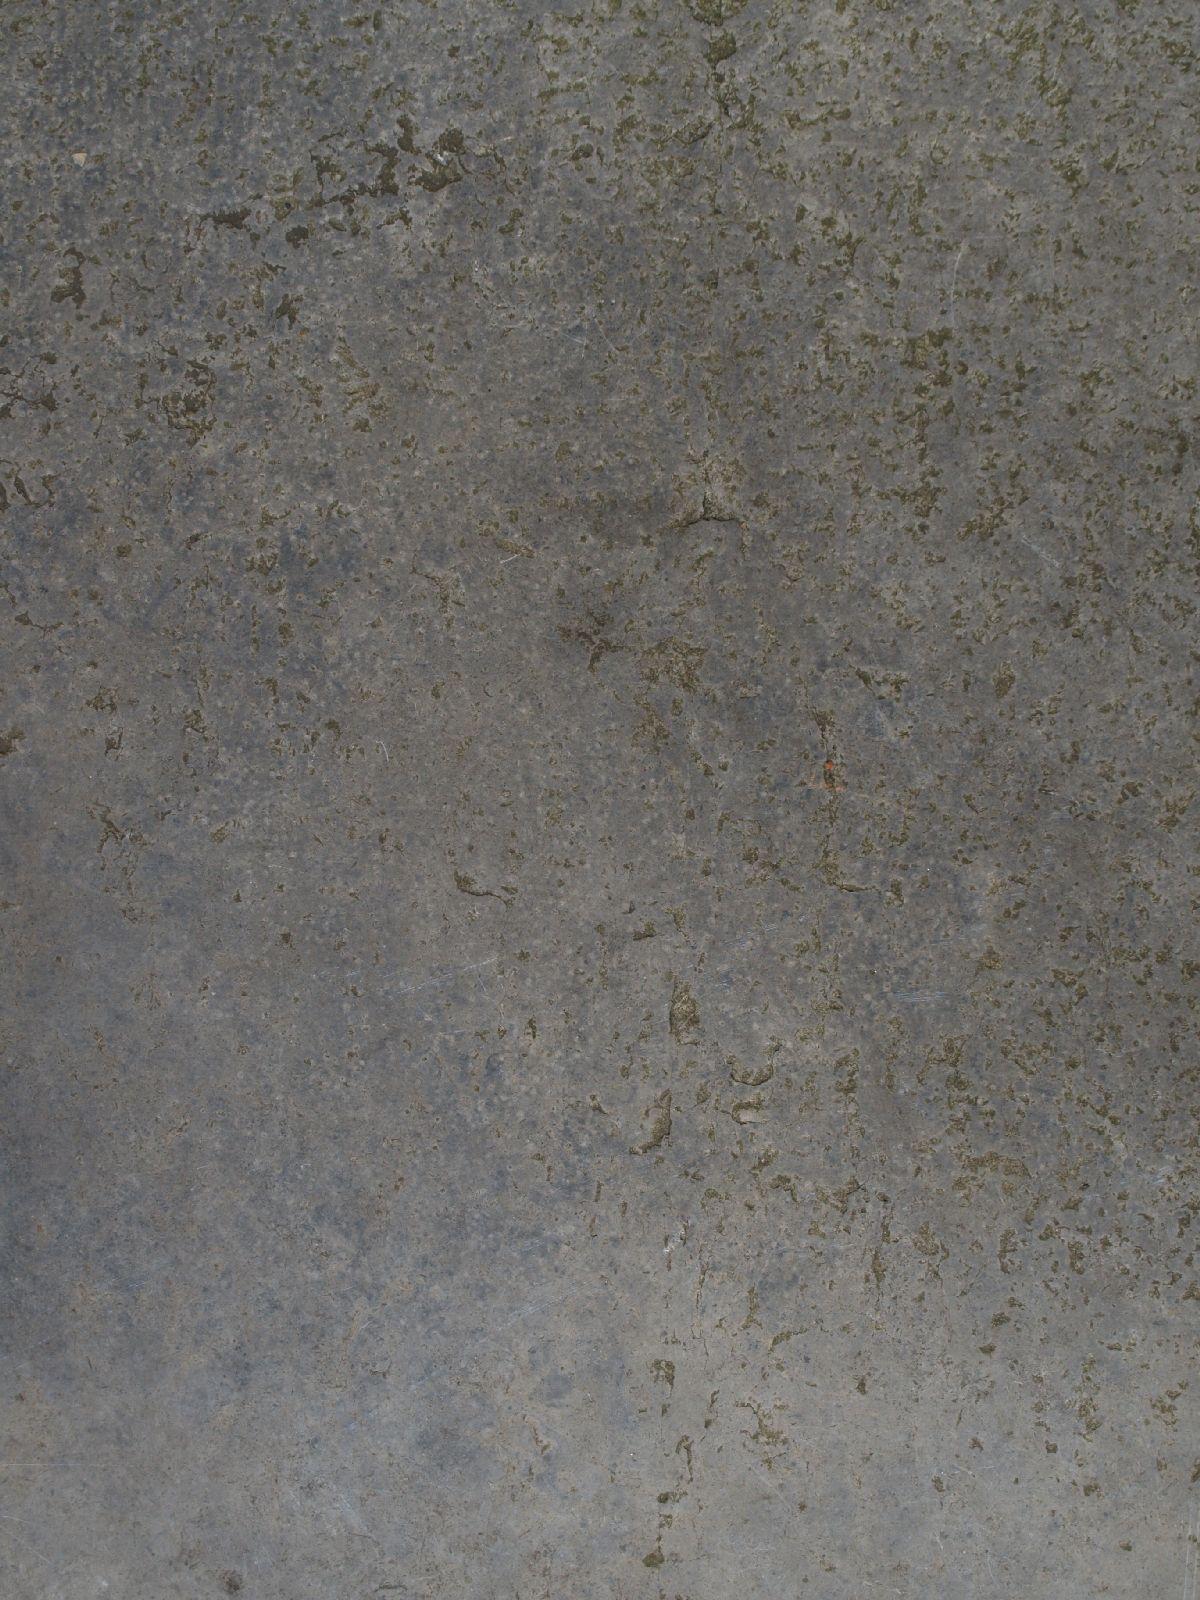 Stein_Textur_A_P8204529